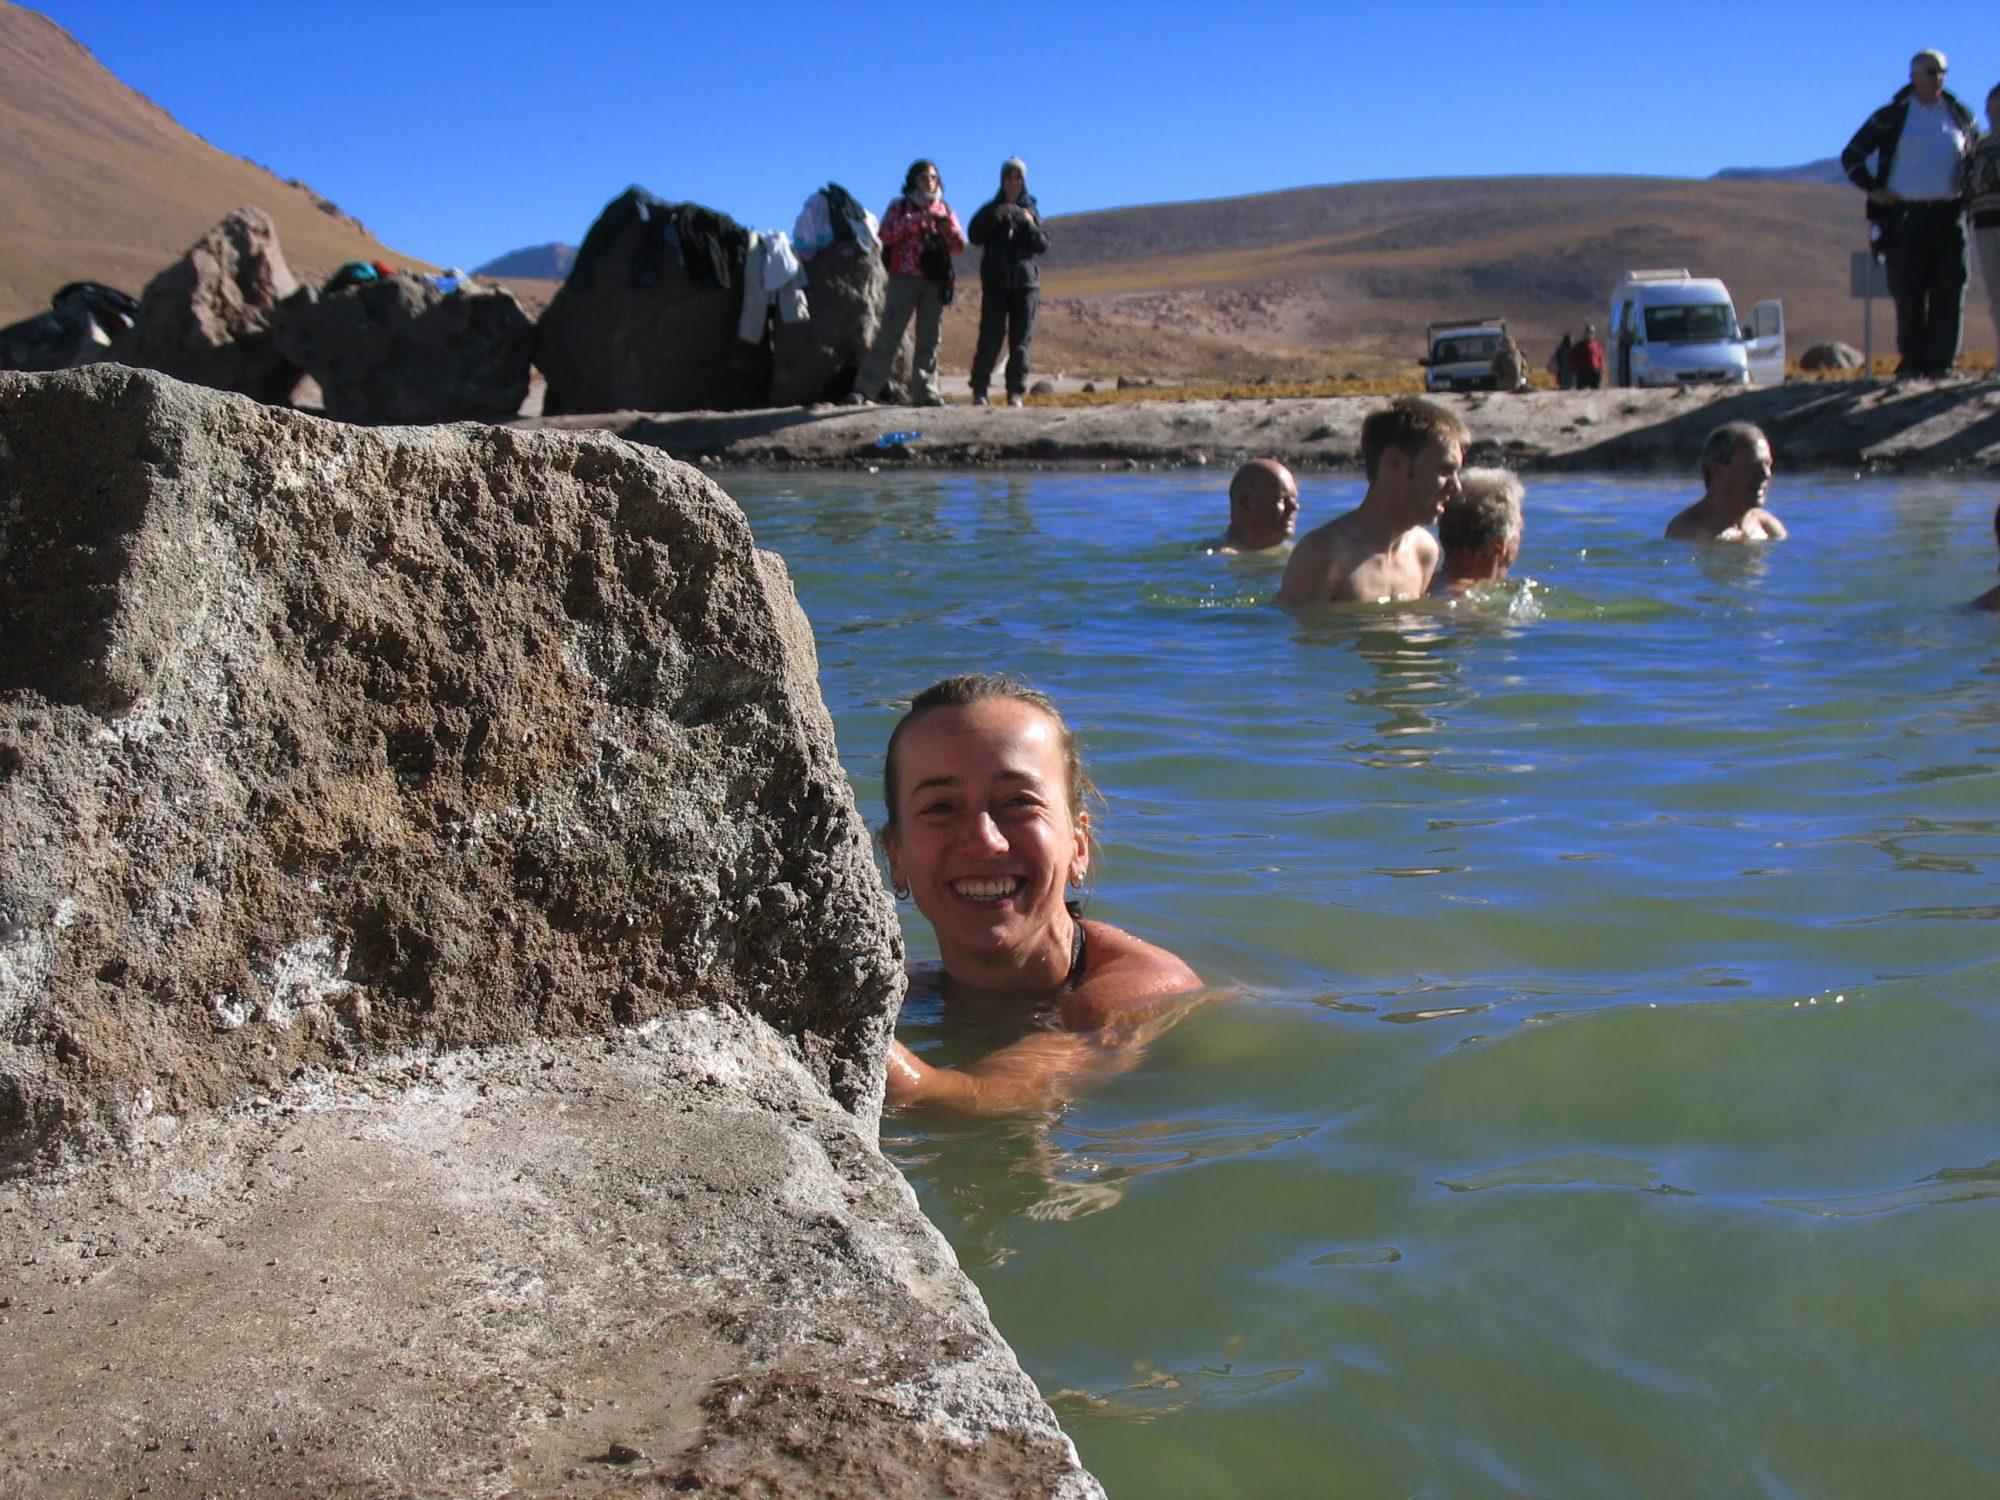 Chile Tatio geyser